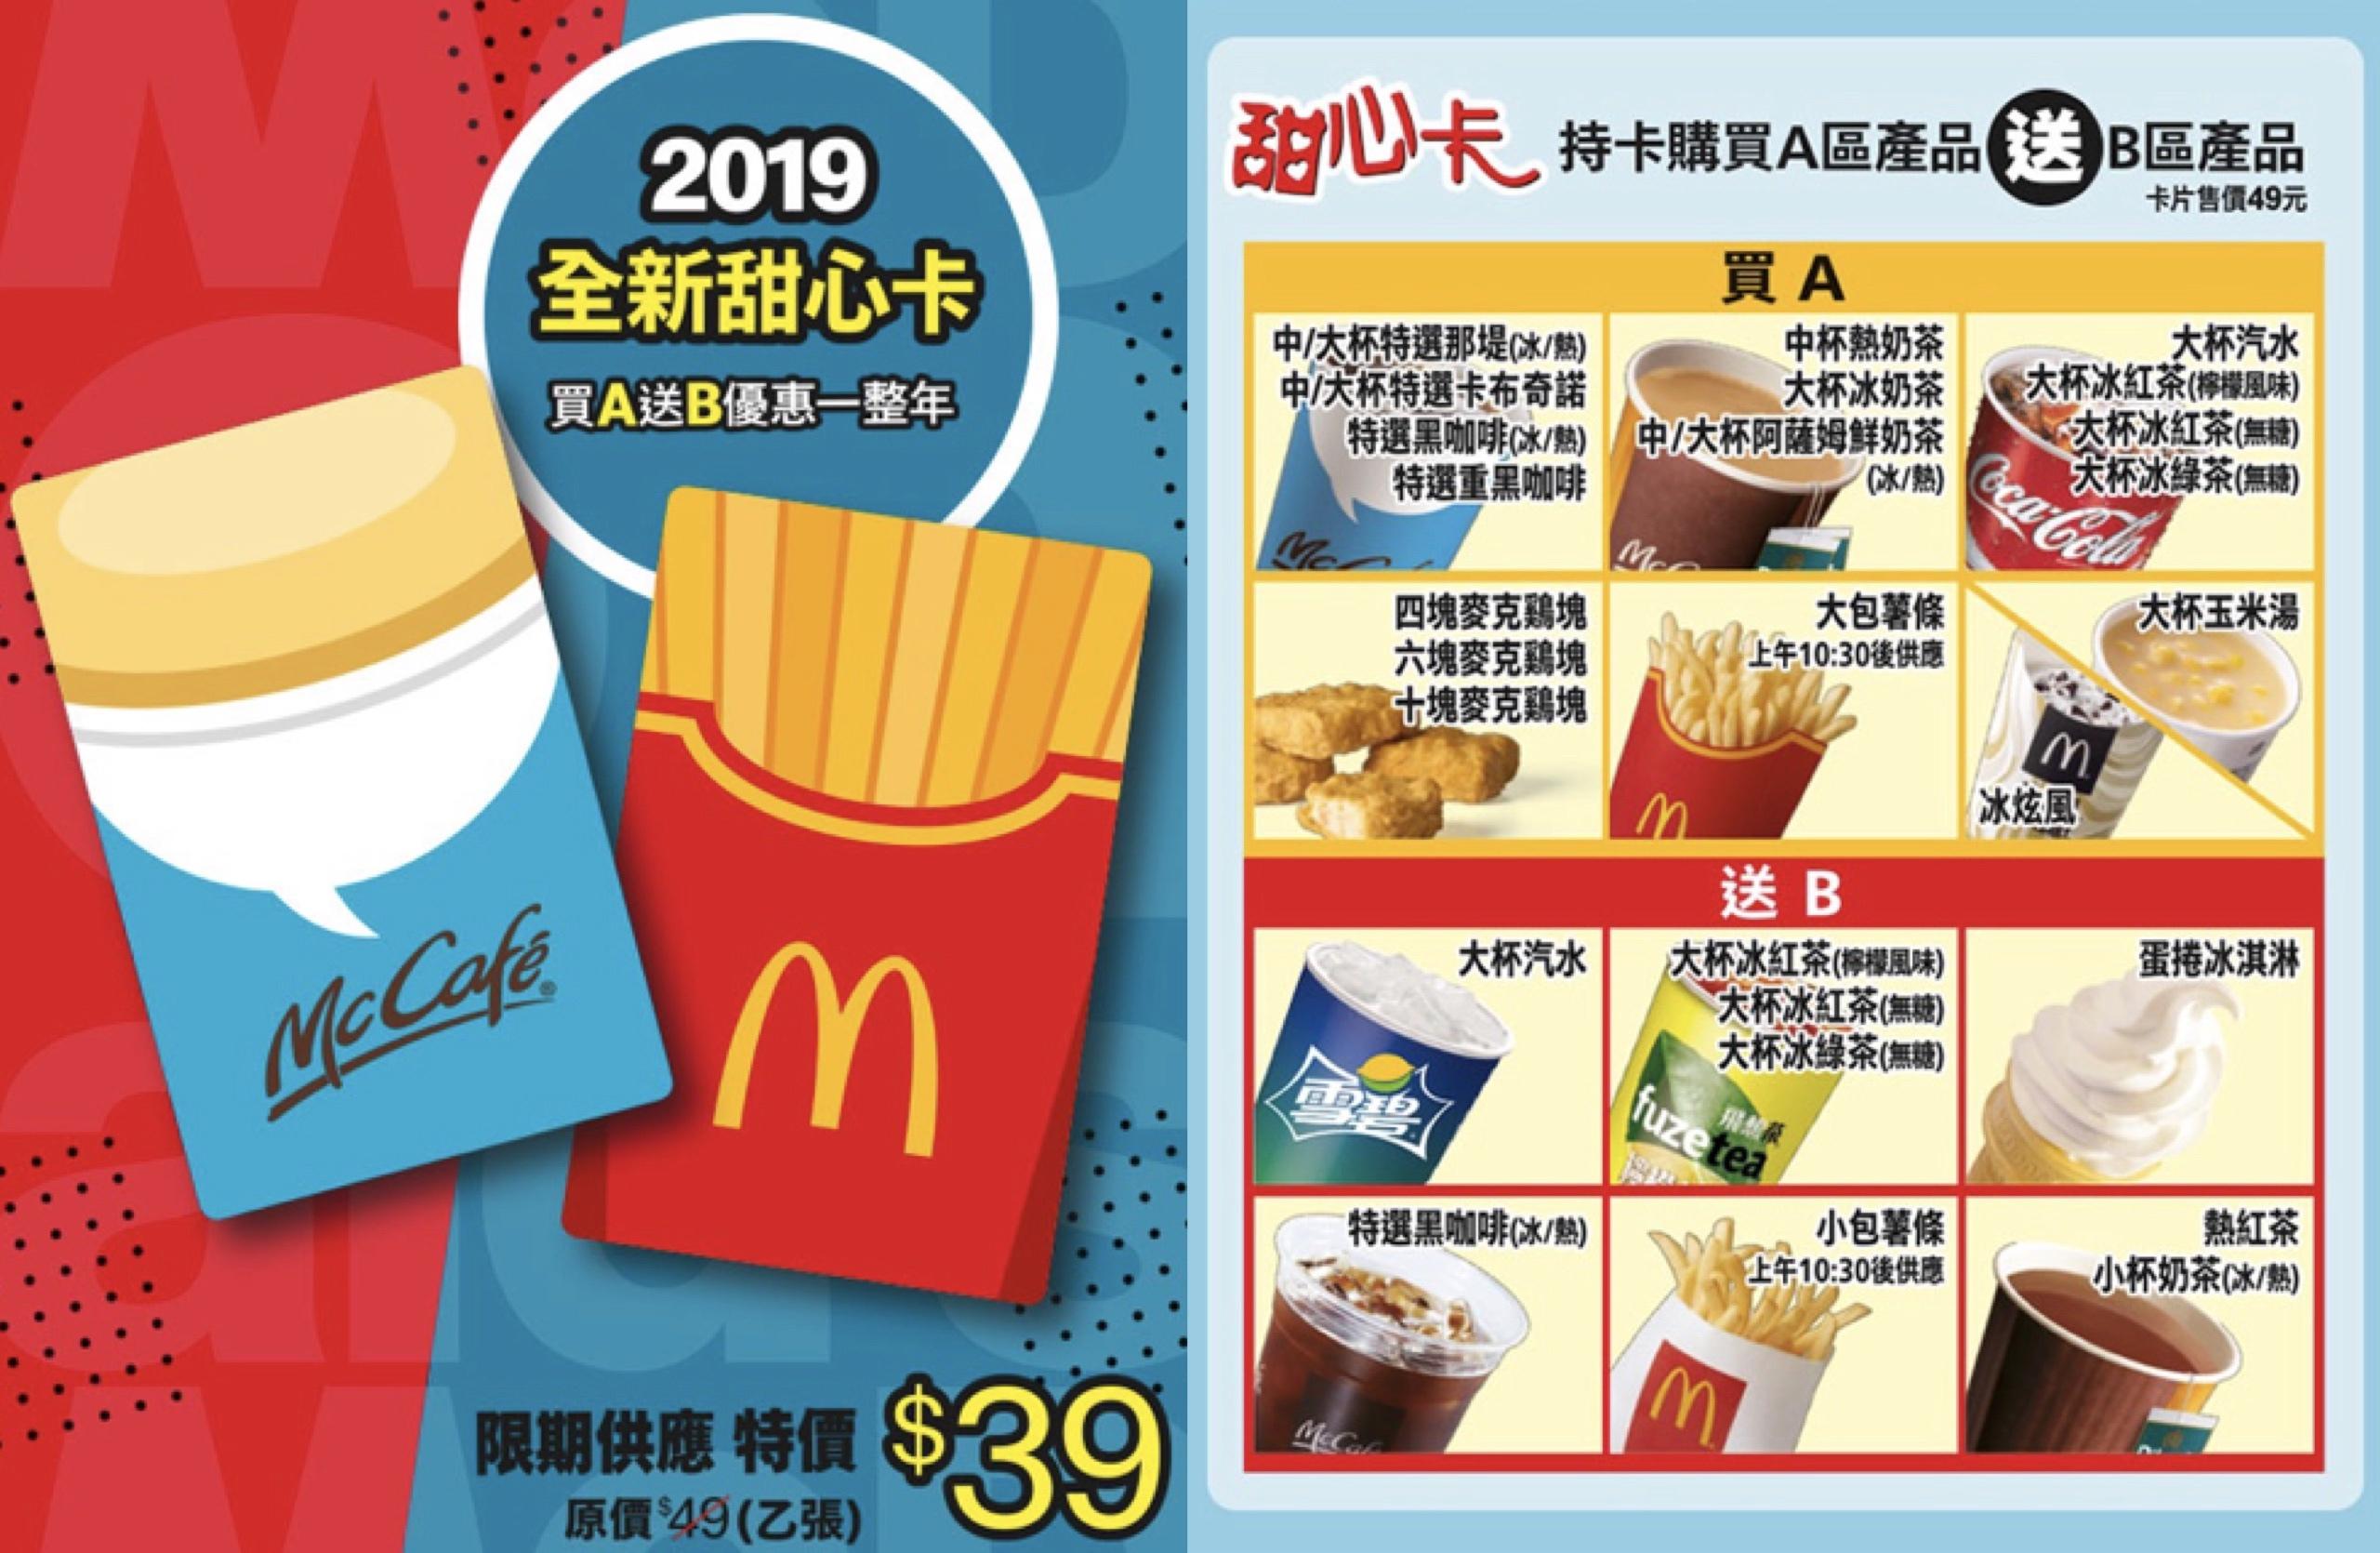 【隨筆】2019年麥當勞甜心卡